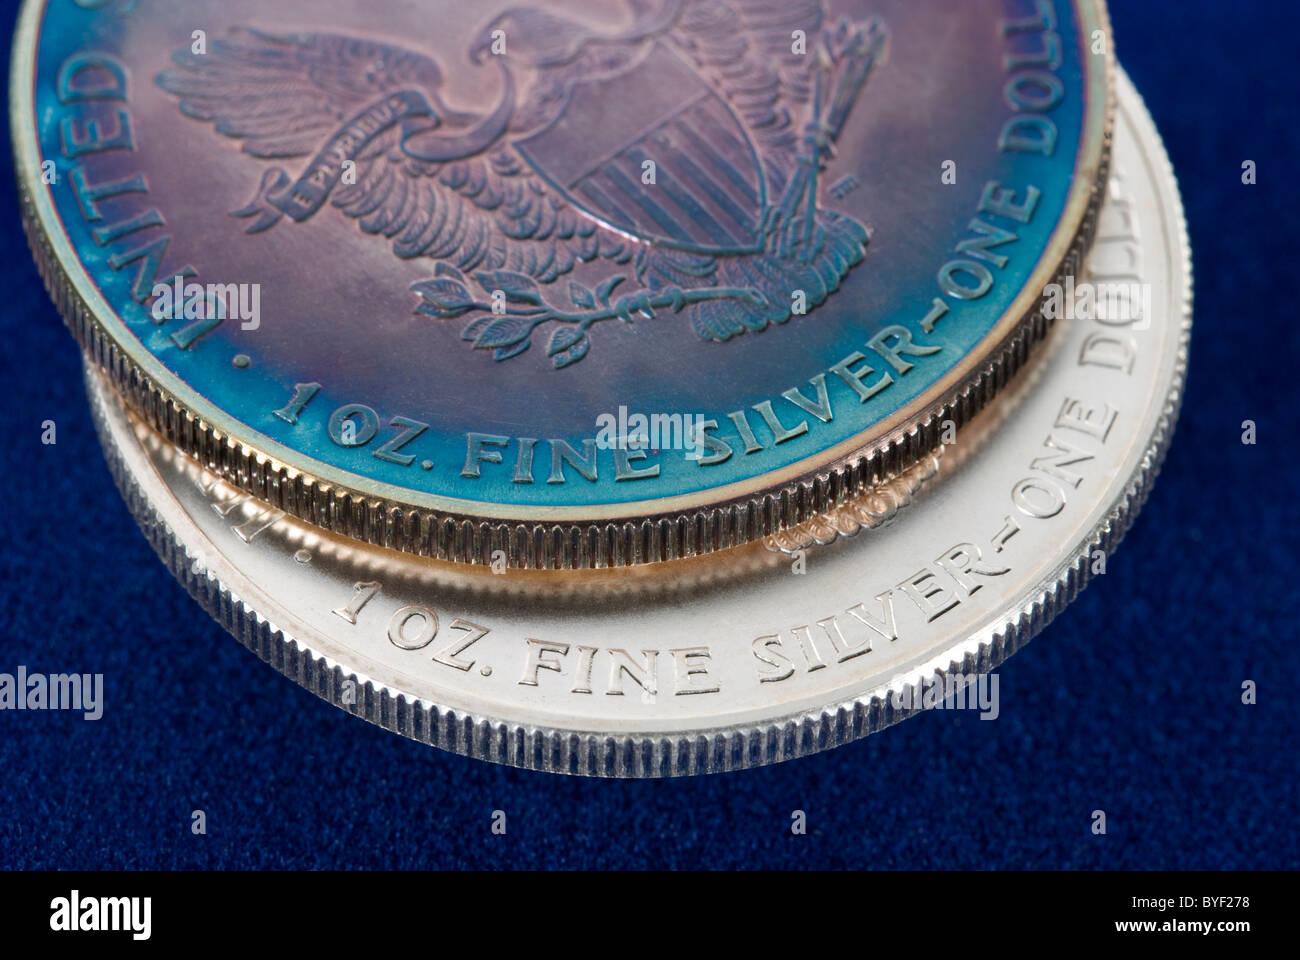 Une pièce d'argent terni à côté d'un non terni une pour comparaison. Banque D'Images